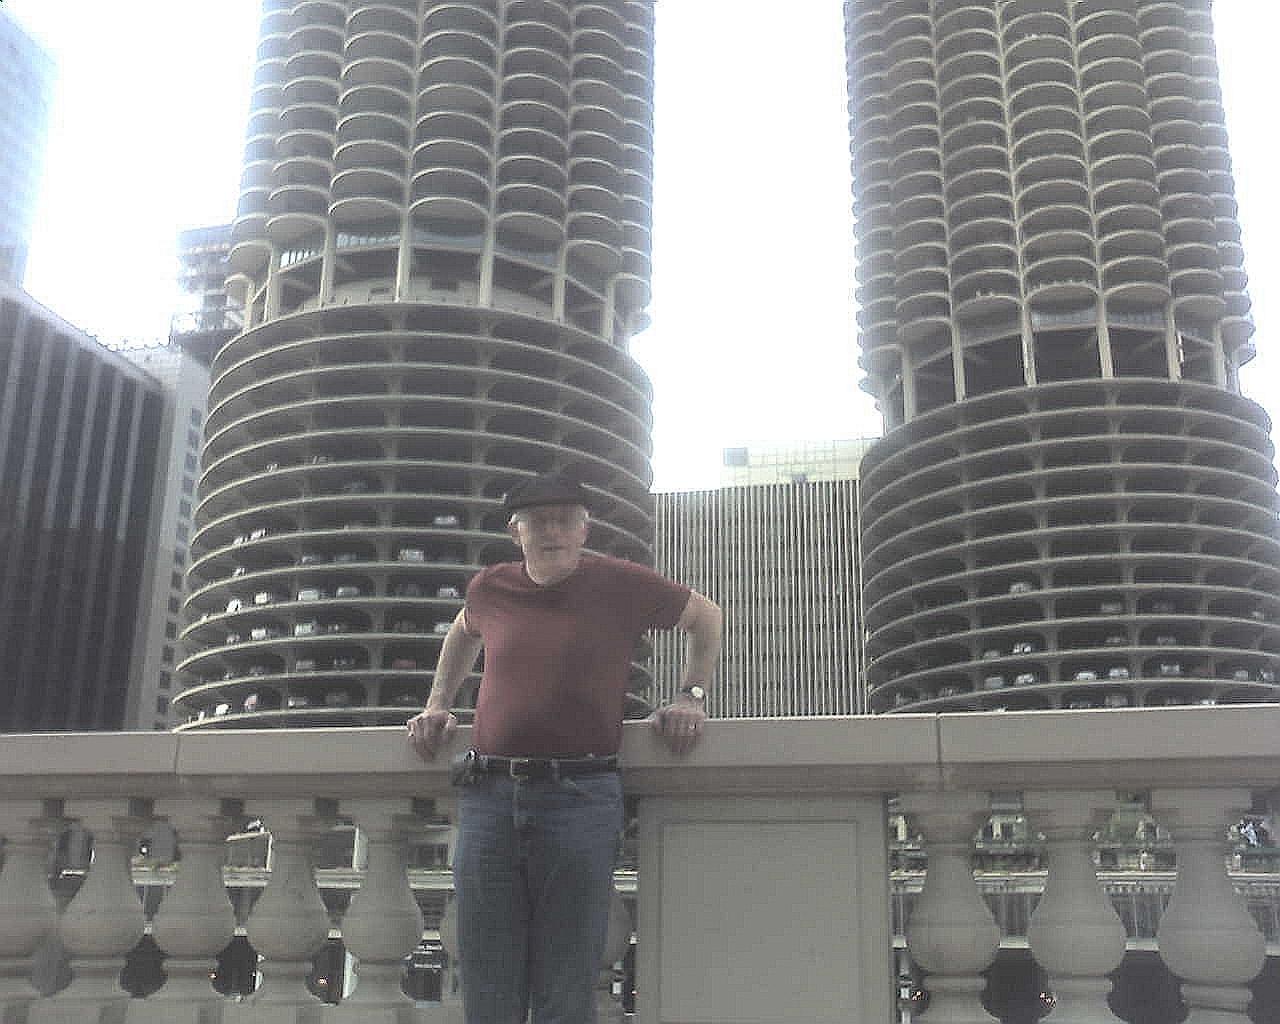 giant corncobs